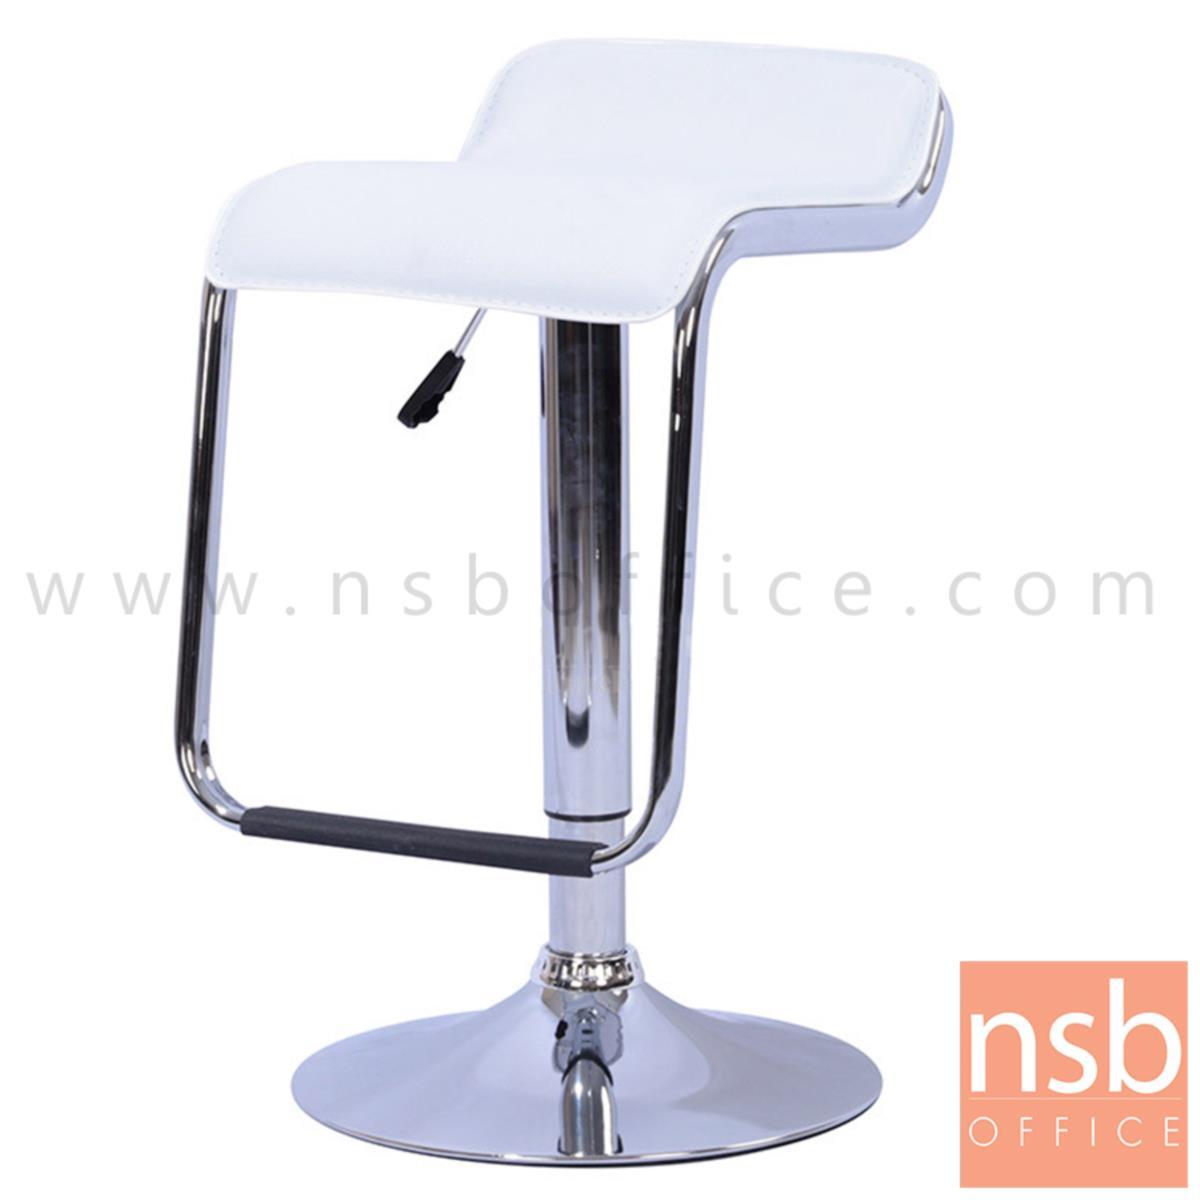 B09A115:เก้าอี้บาร์สูงหนังเทียม รุ่น Vartan (วาร์แทน) ขนาด 47W cm. โช๊คแก๊ส ขาโครเมี่ยมฐานจานกลม